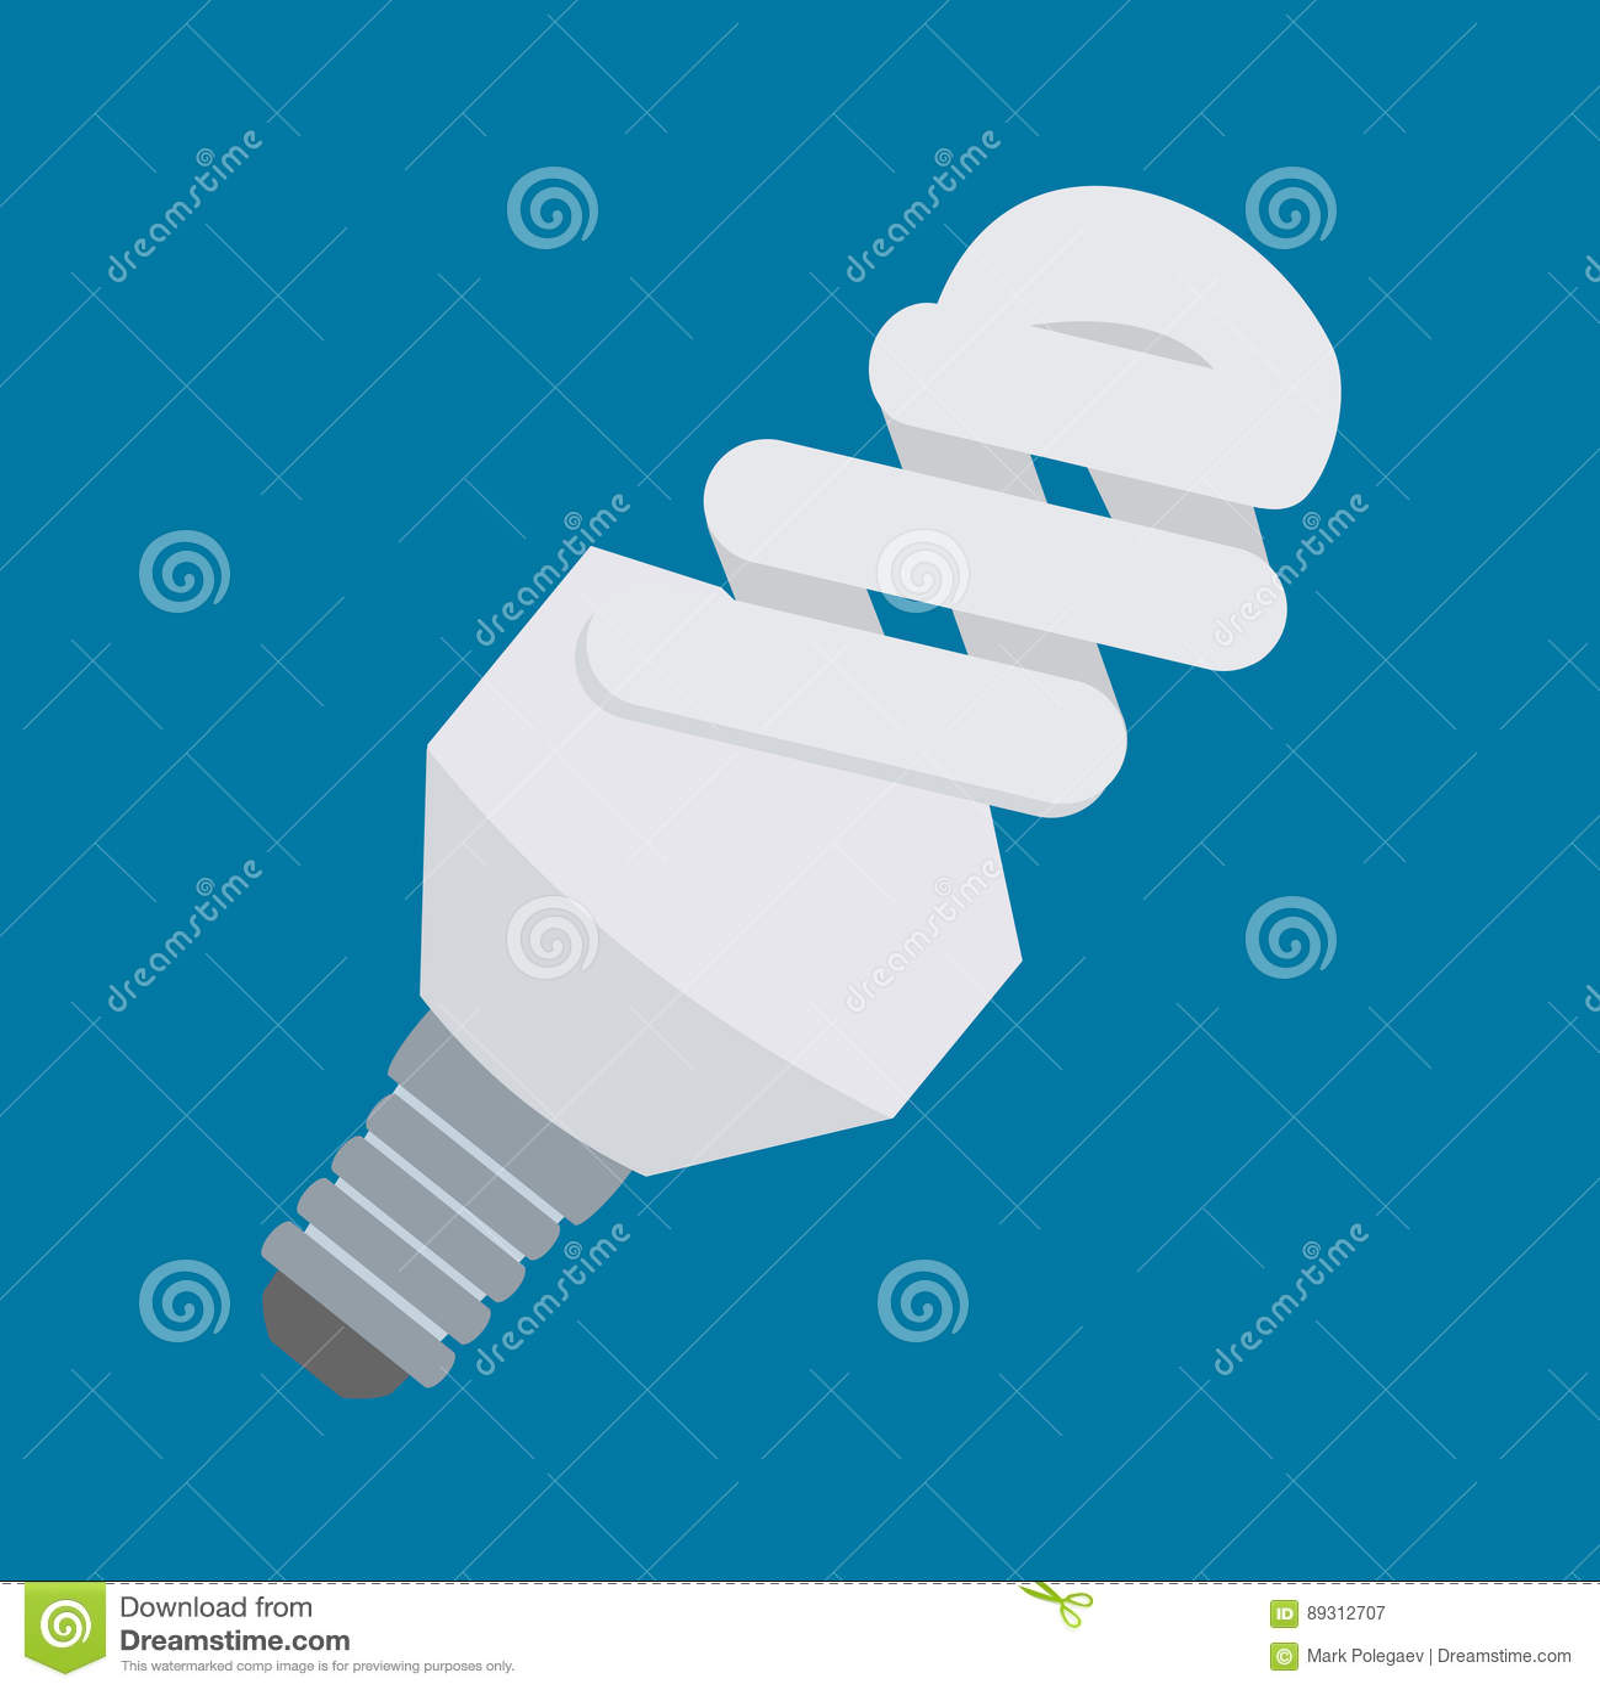 Elektrisch gloeilampen vectorpictogram in vlak stijlontwerp Compacte fluorescente lamp of CFL-symbool Energy-saving lichte buis